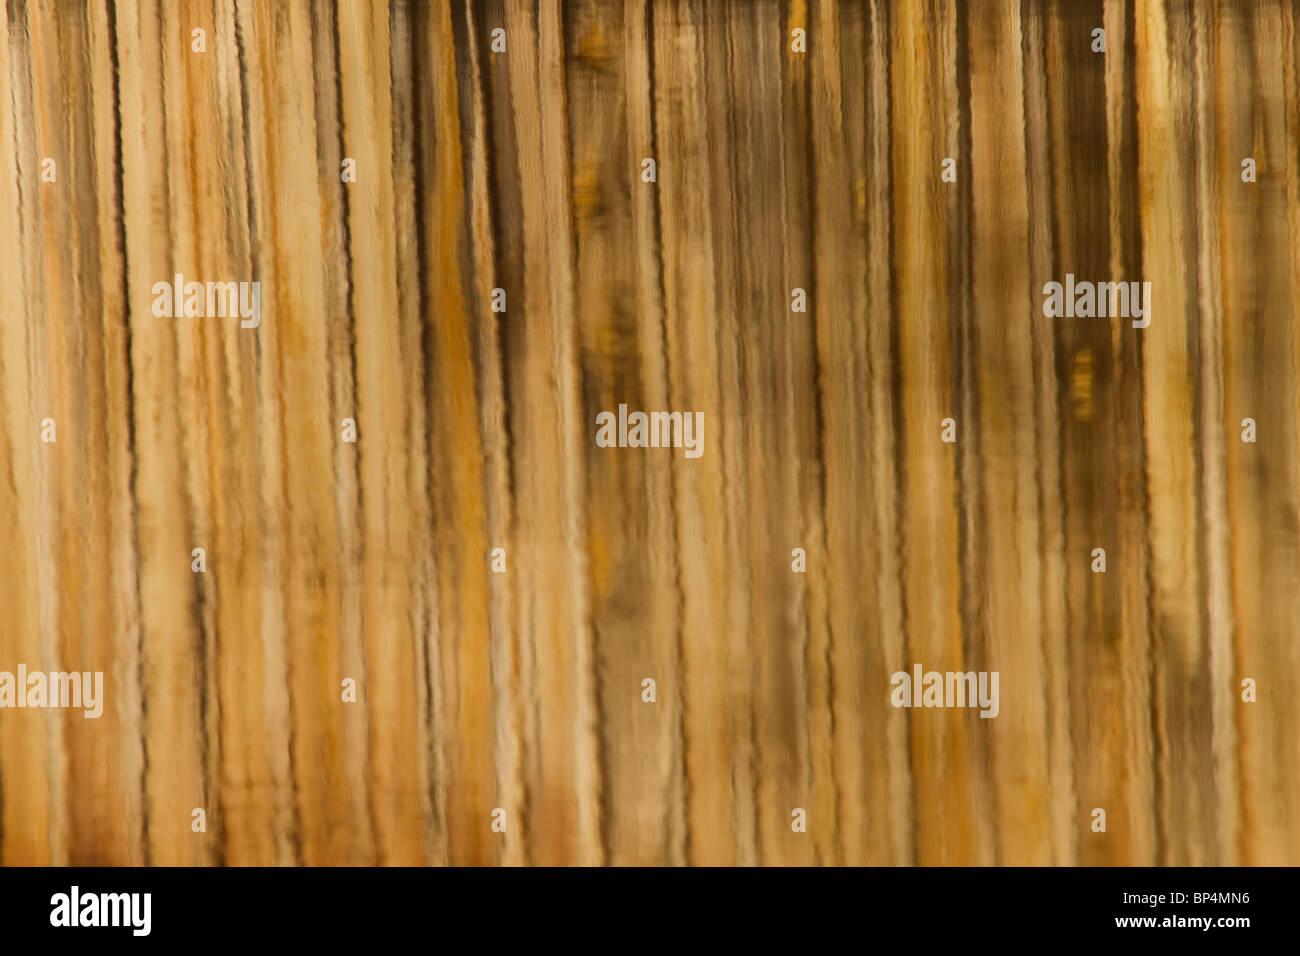 Qui viene mostrata una riflessione di ponte di legno in acqua. Linea marrone Pattern riflessione di ponte di legno Immagini Stock